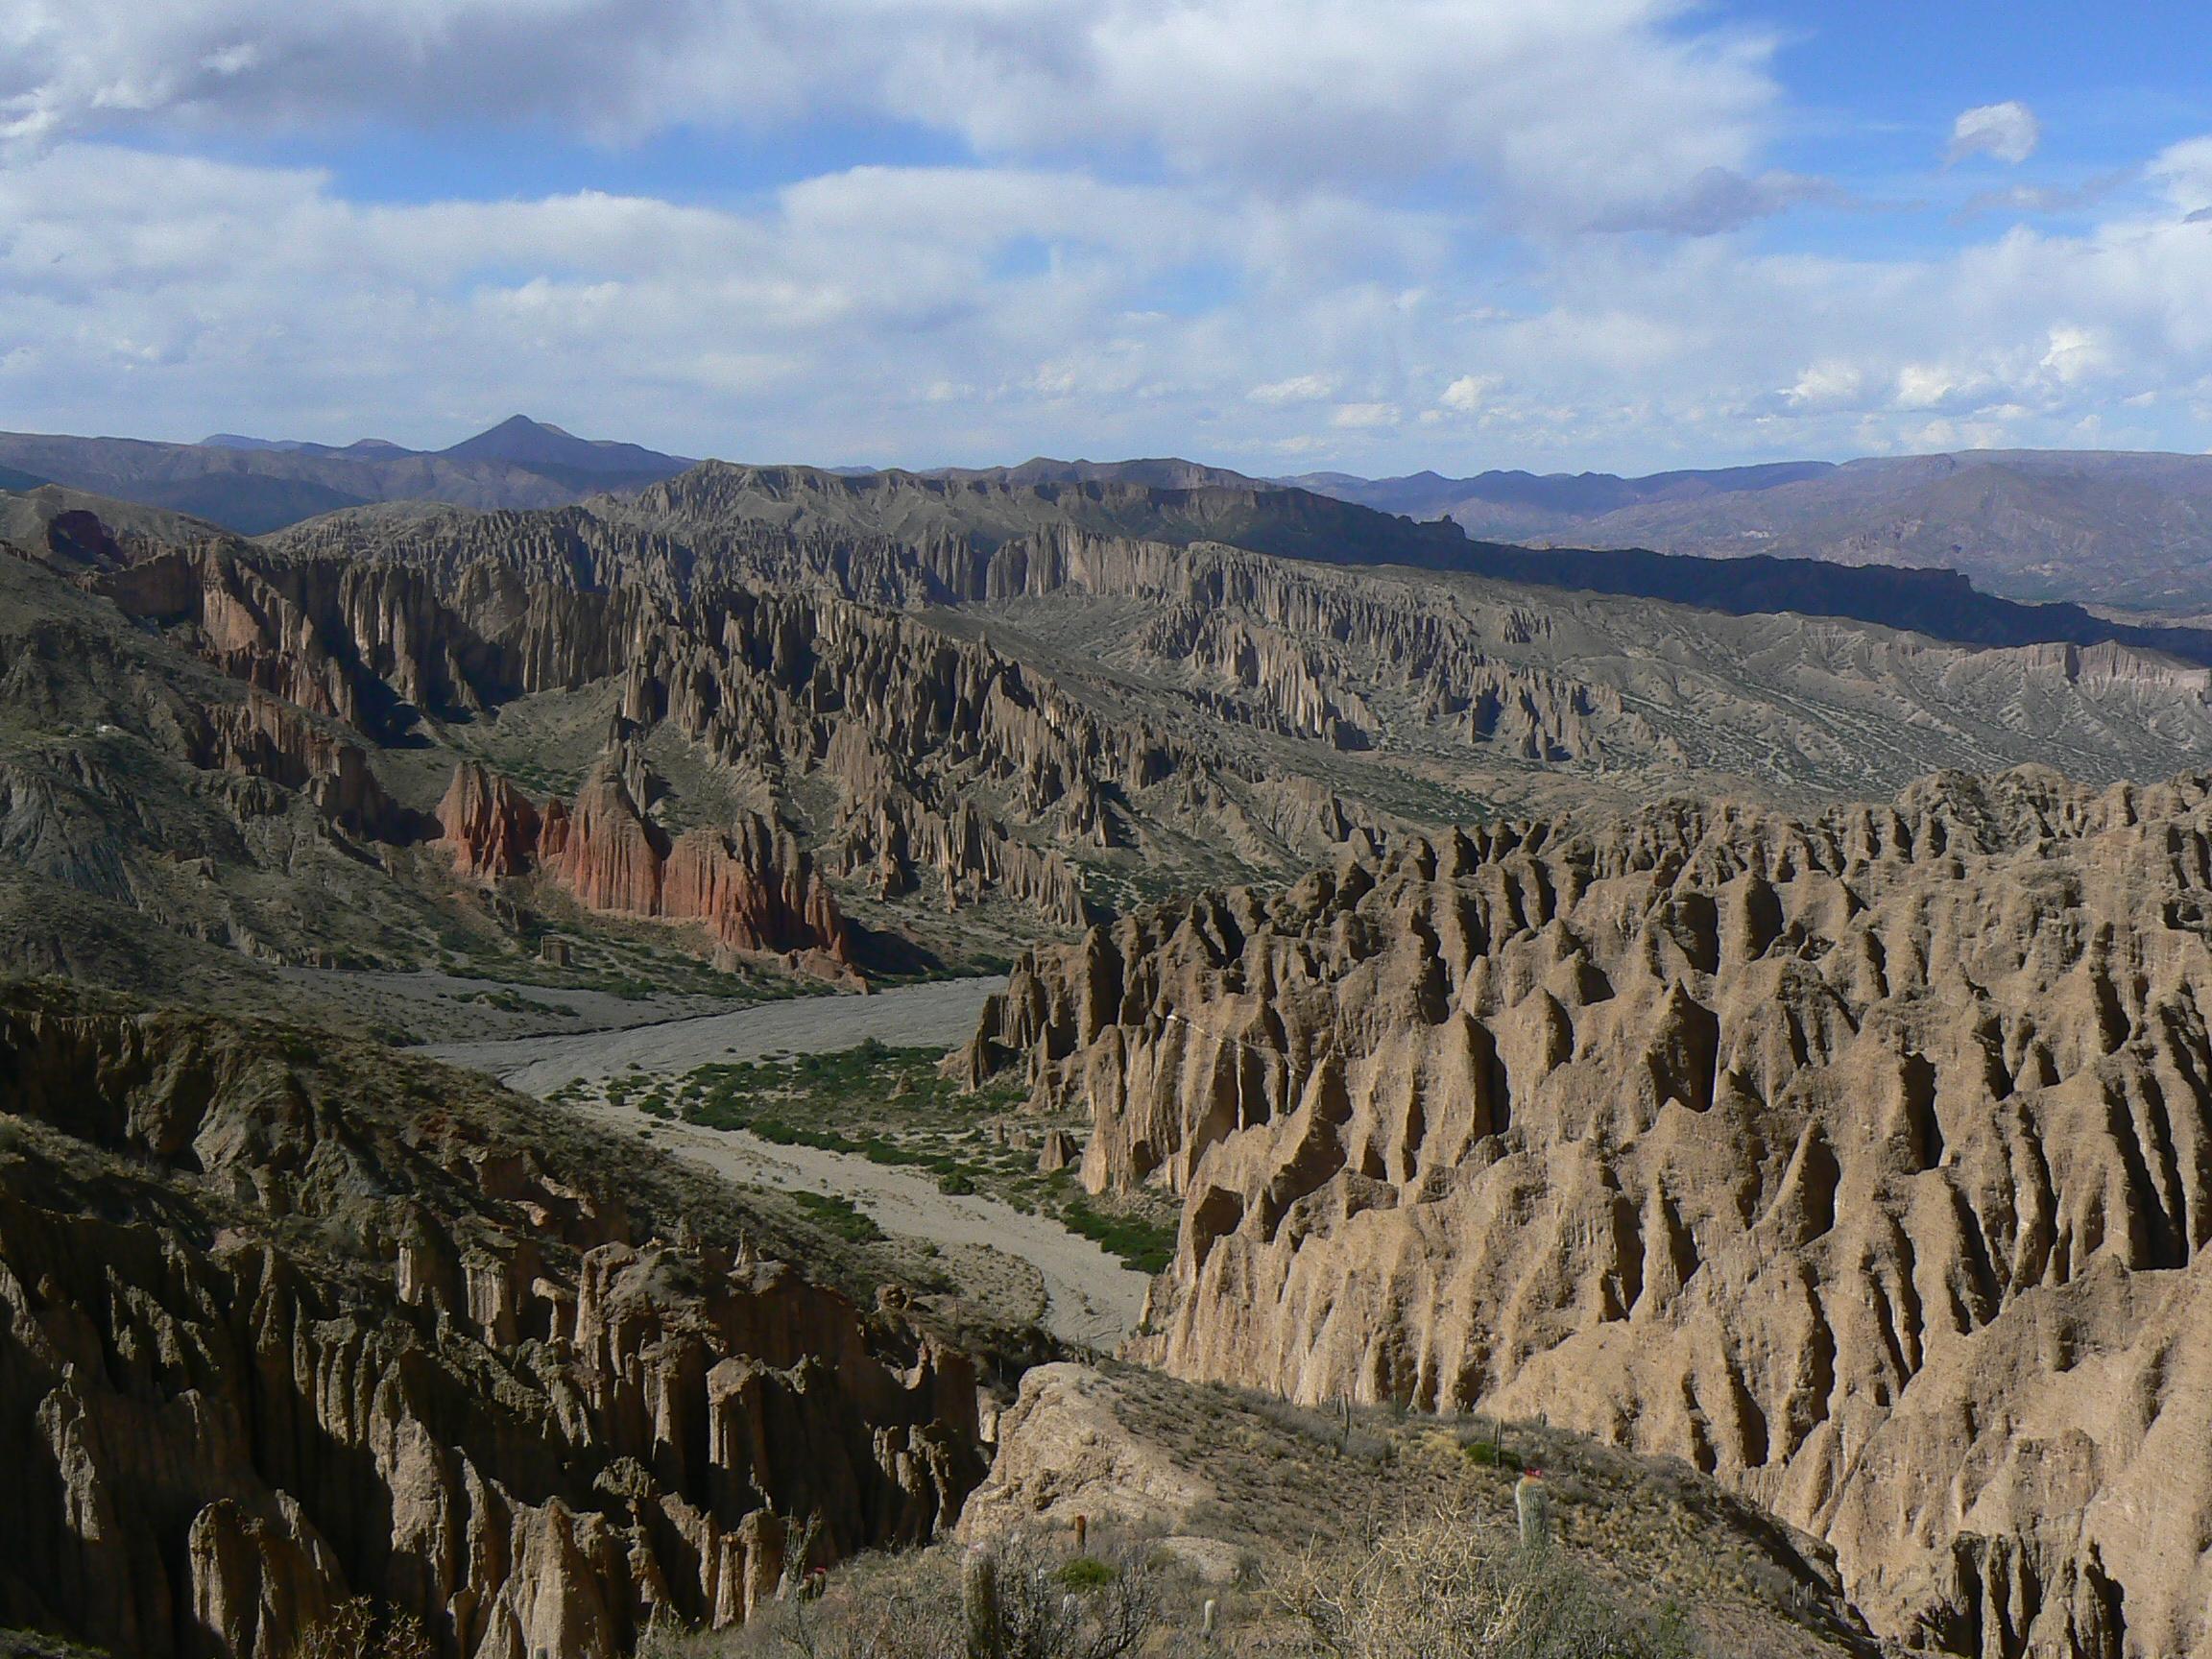 el potosi de bolivia: